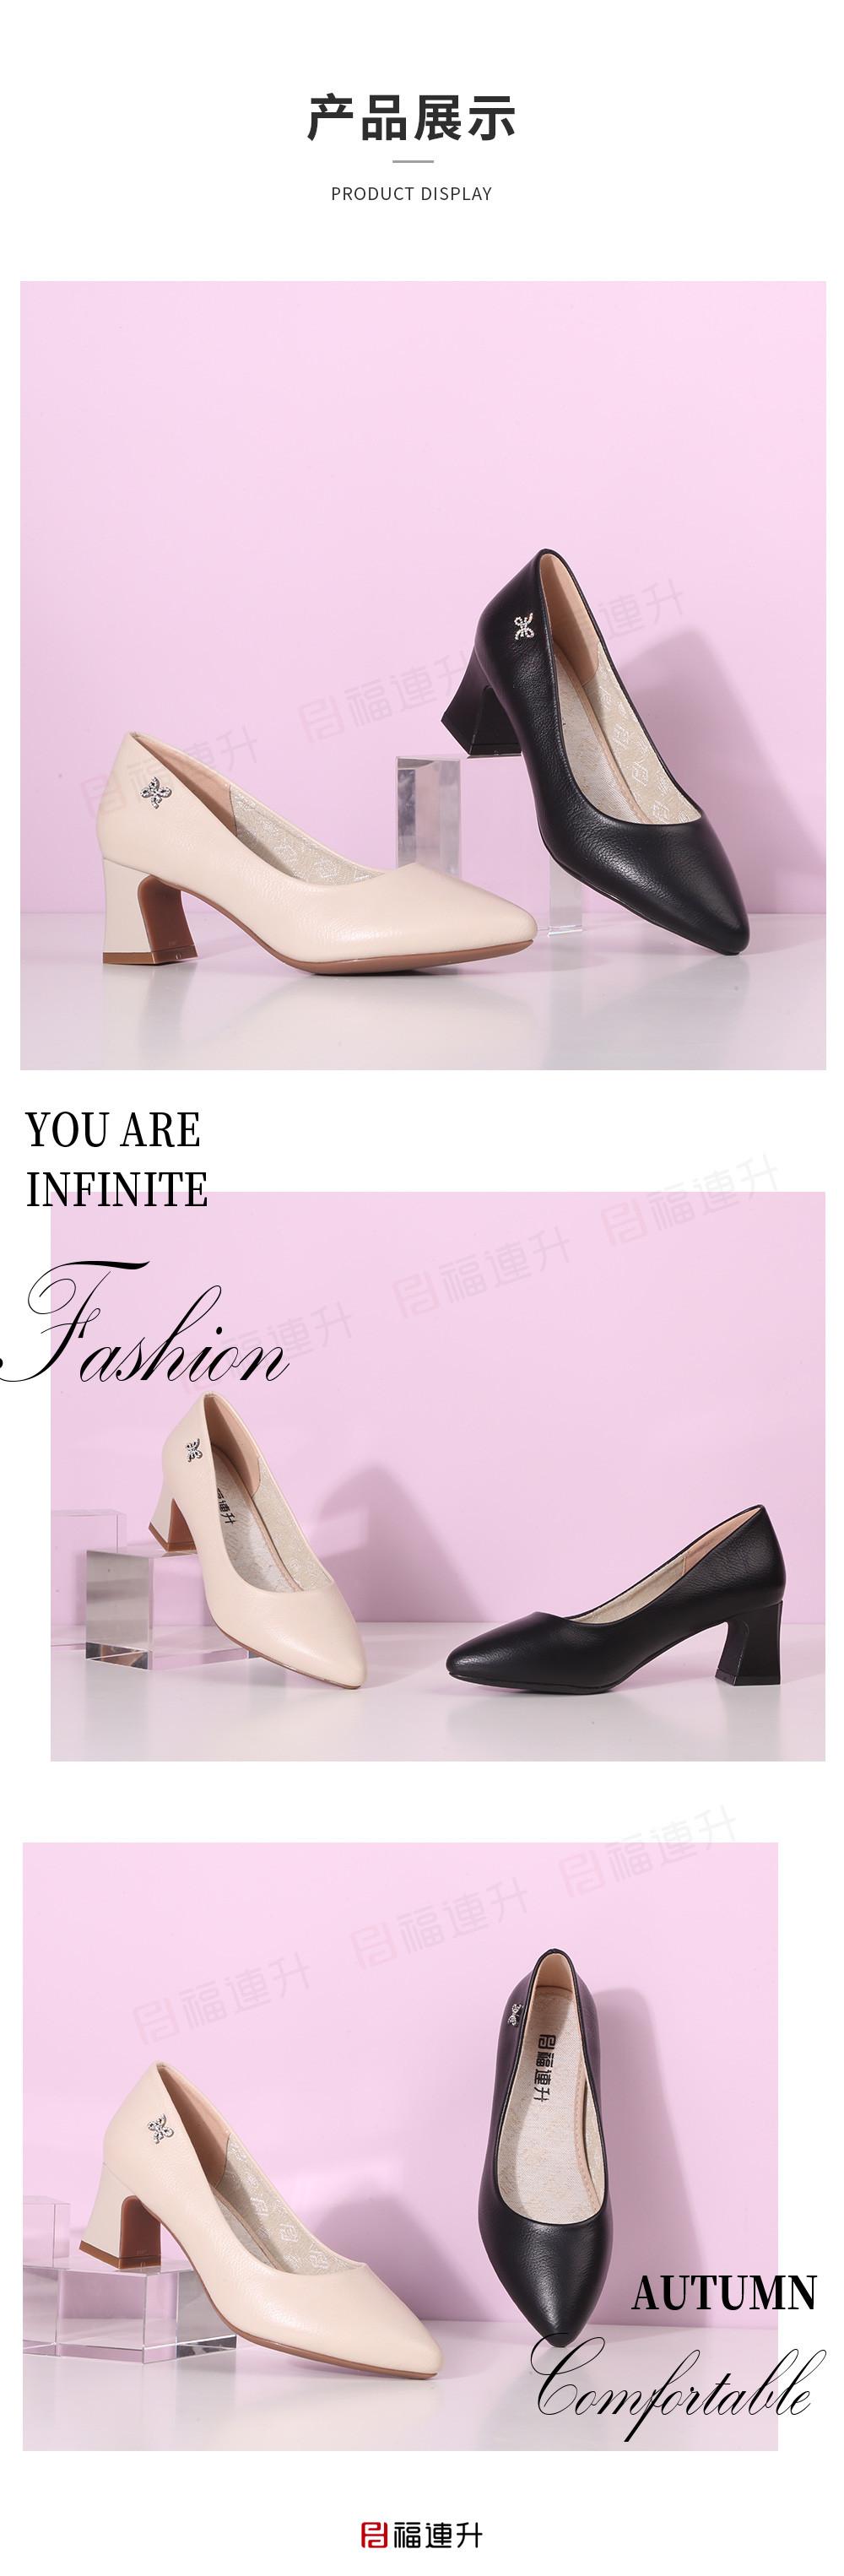 福连升休闲女鞋魅力时装工装工作鞋通勤粗跟中跟鞋图片